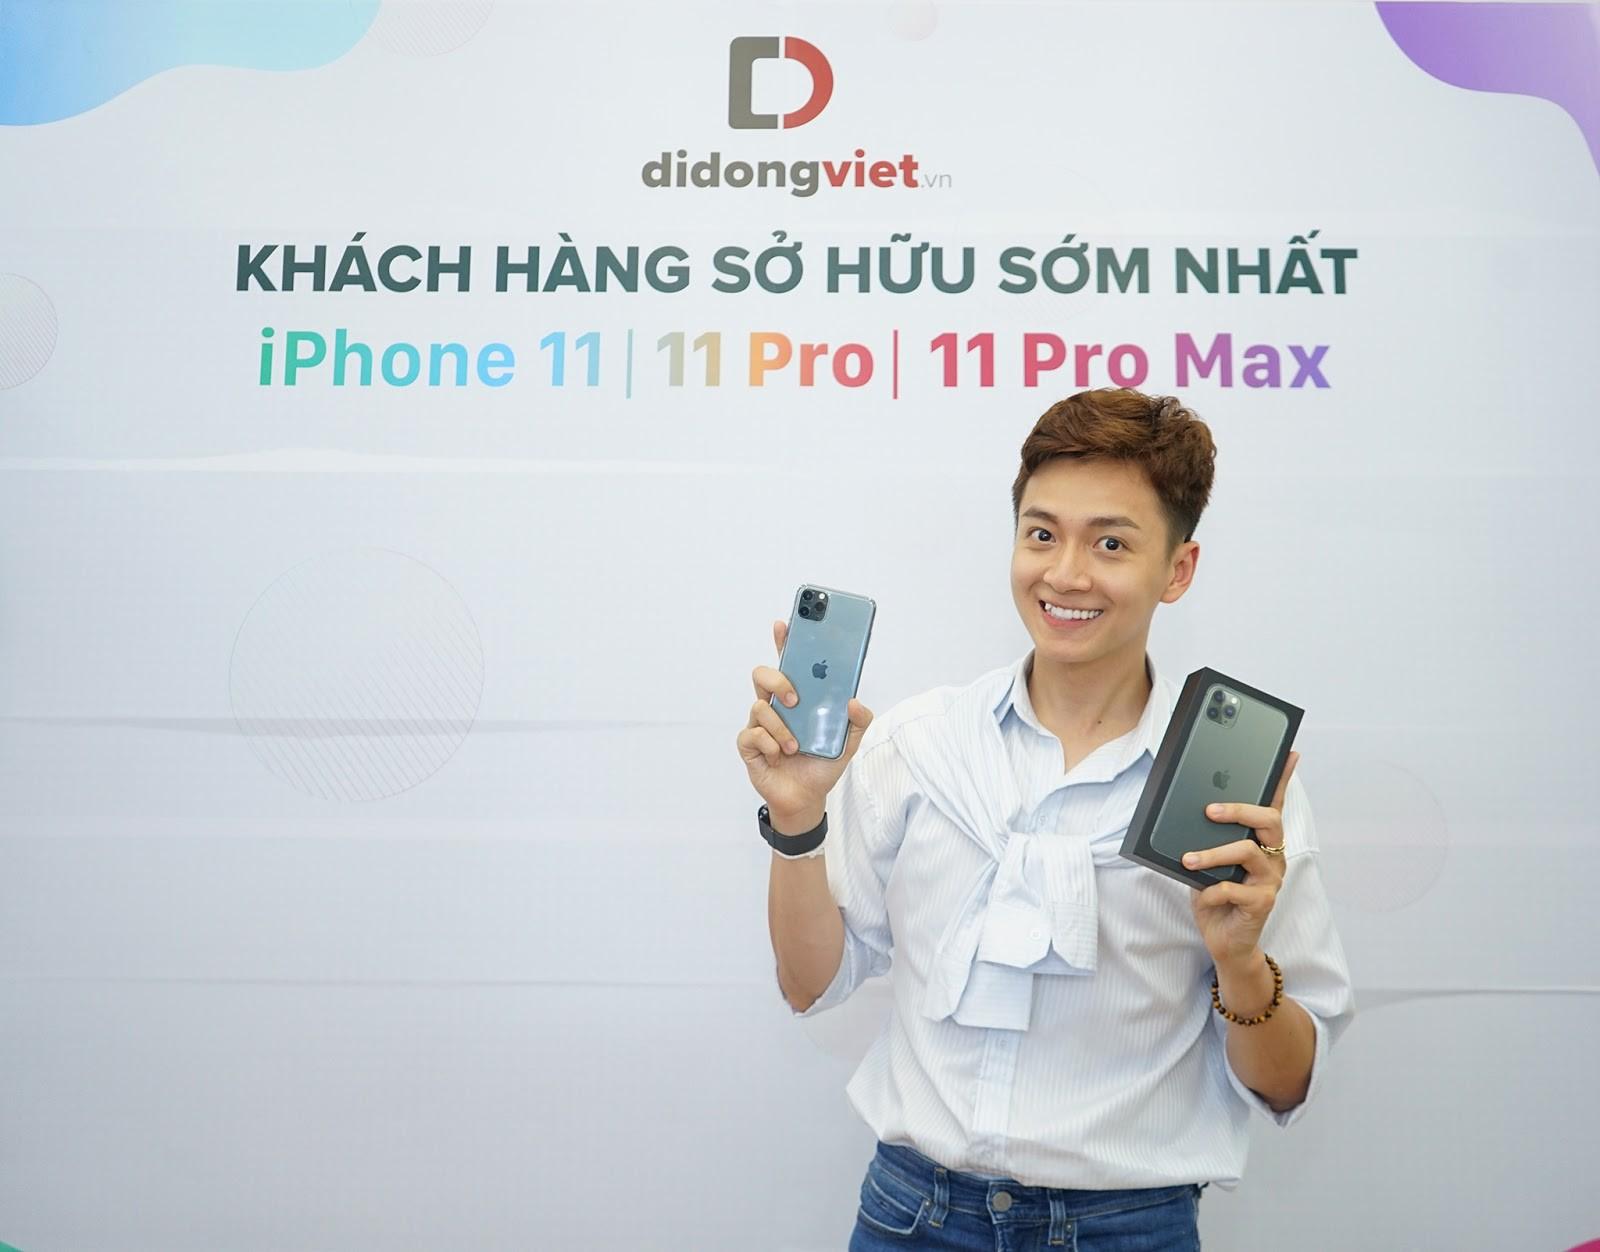 iPhone 11, 11 Pro, 11 Pro Max VN/A giảm đến 3 triệu đồng tại Di Động Việt trong 3 ngày mở bán - Ảnh 5.